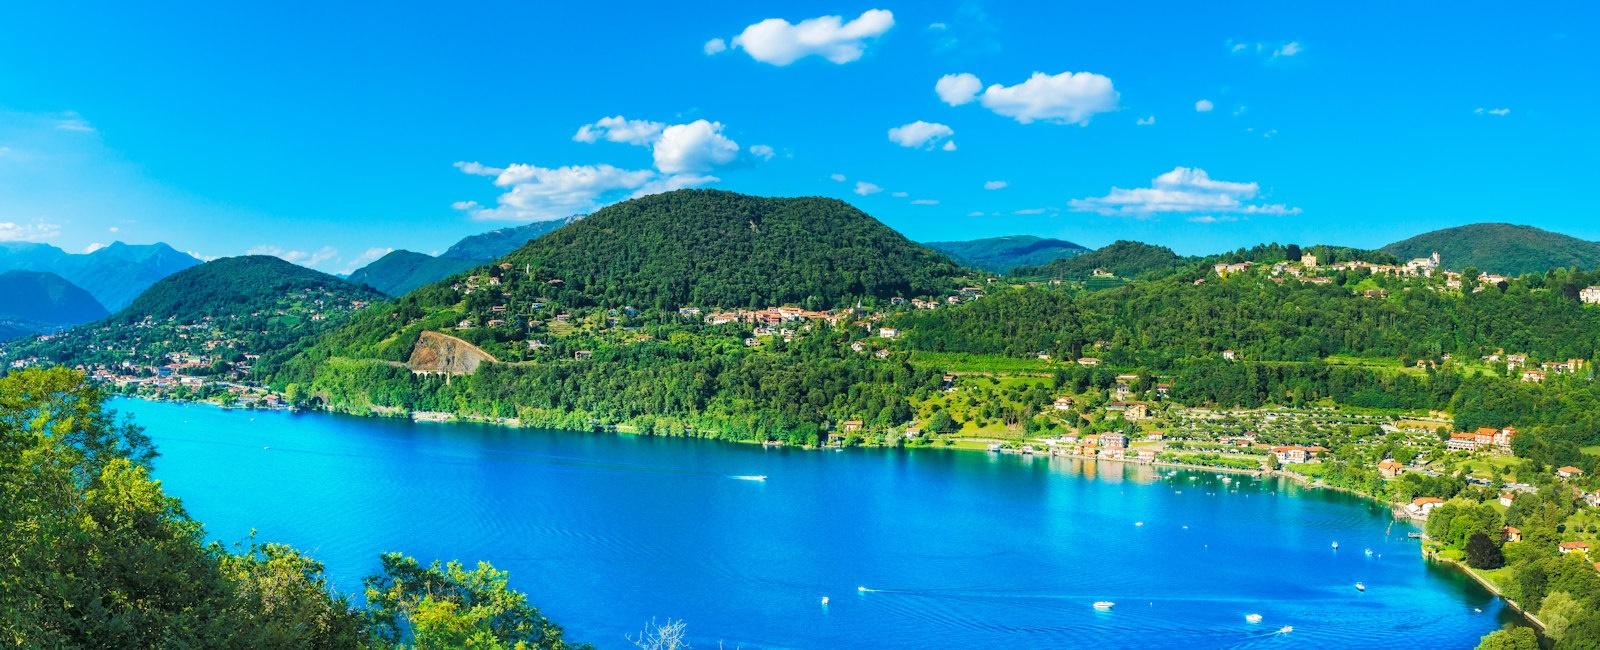 Orta San Giulio, Lake Orta